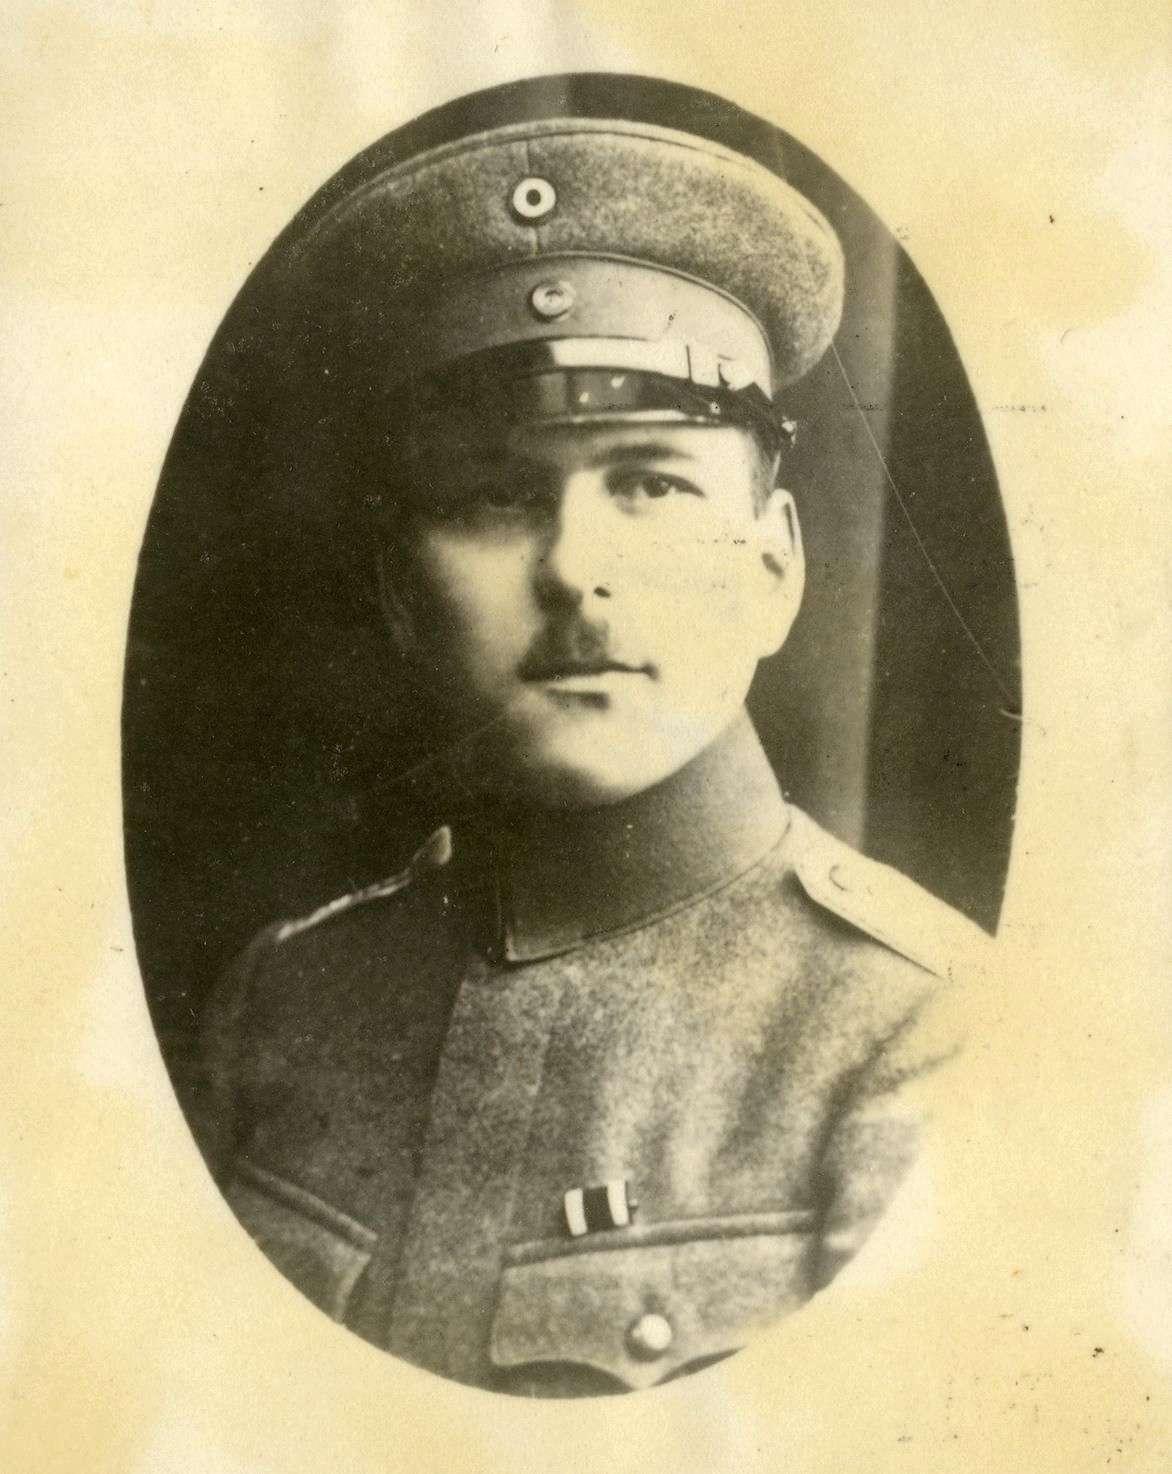 Schirm, Karl, Bild 1